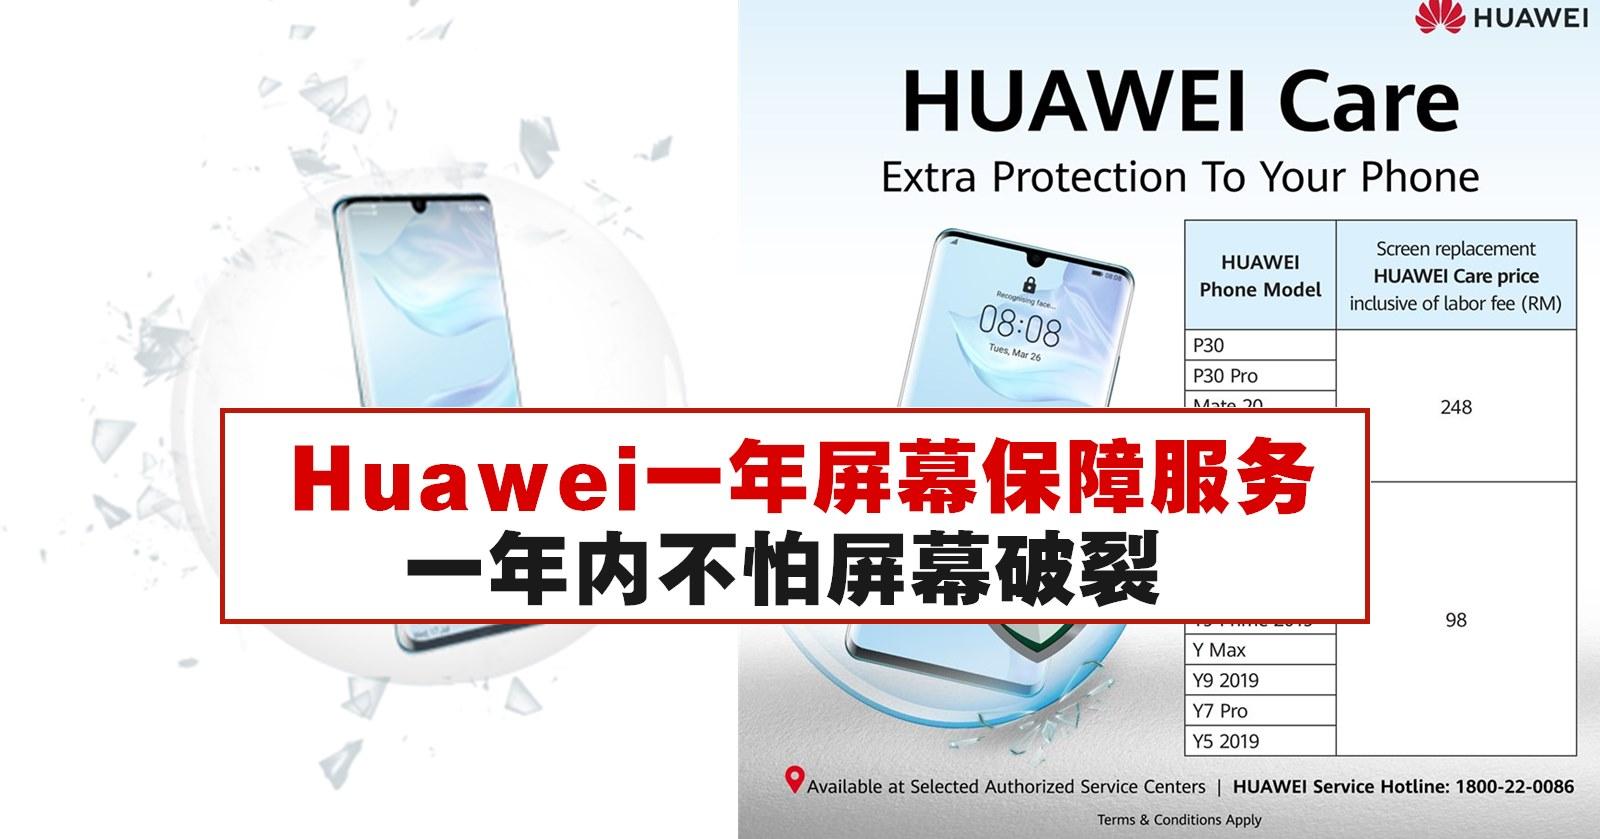 Huawei一年屏幕保障服务,一年内不怕屏幕破裂